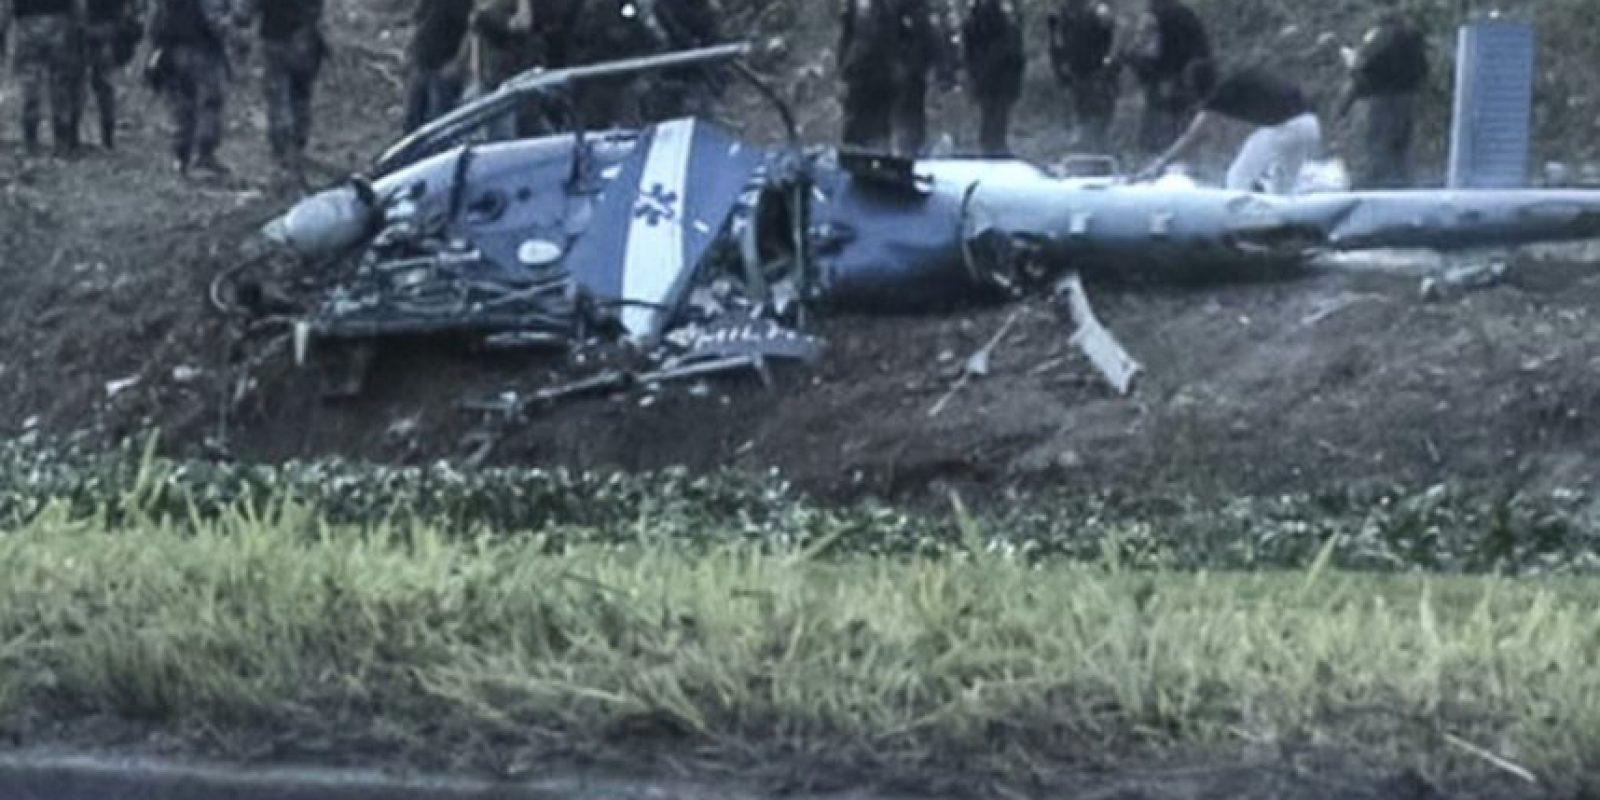 Una imagen tomada de un video muestra un helicóptero de la policía que se estrelló en la favela Cidade de Deus el 19 de noviembre de 2016 en Rio de Janeiro Foto:Tony Barros/afp.com